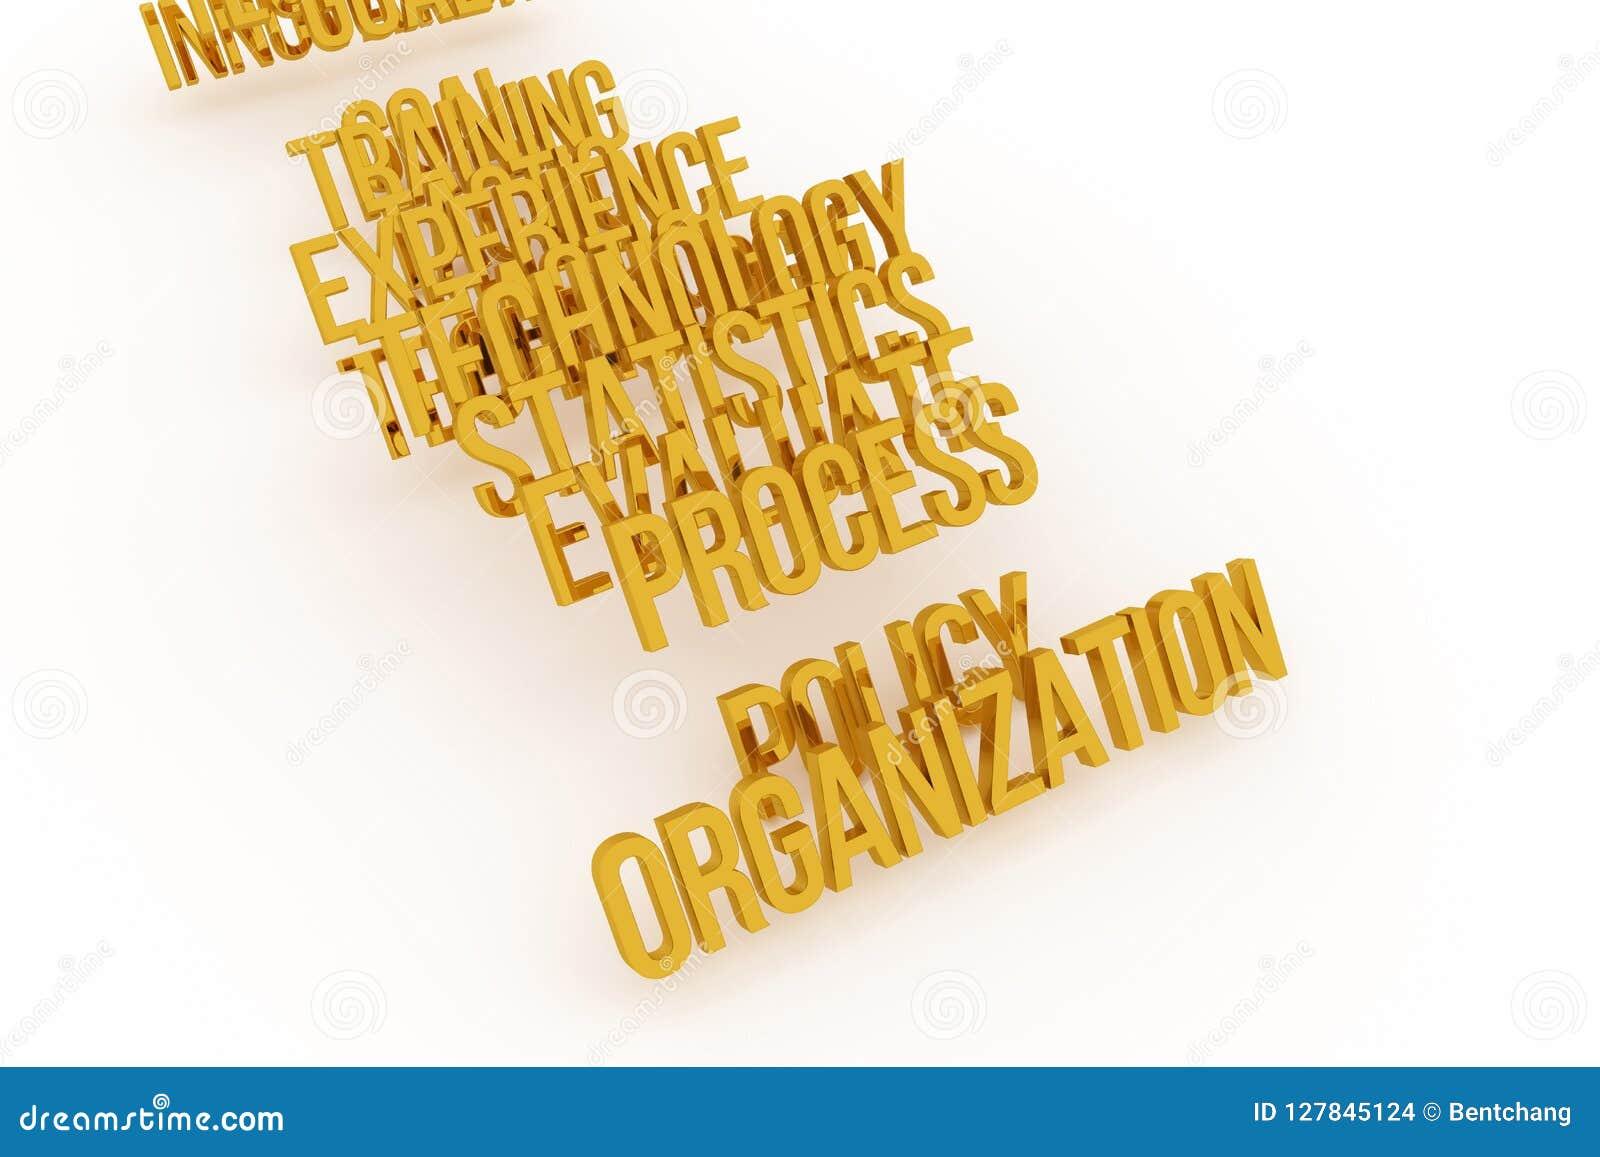 Organisation, goldene begrifflichwörter 3D des Geschäfts Titel, Mitteilung, Grafik u. digitales